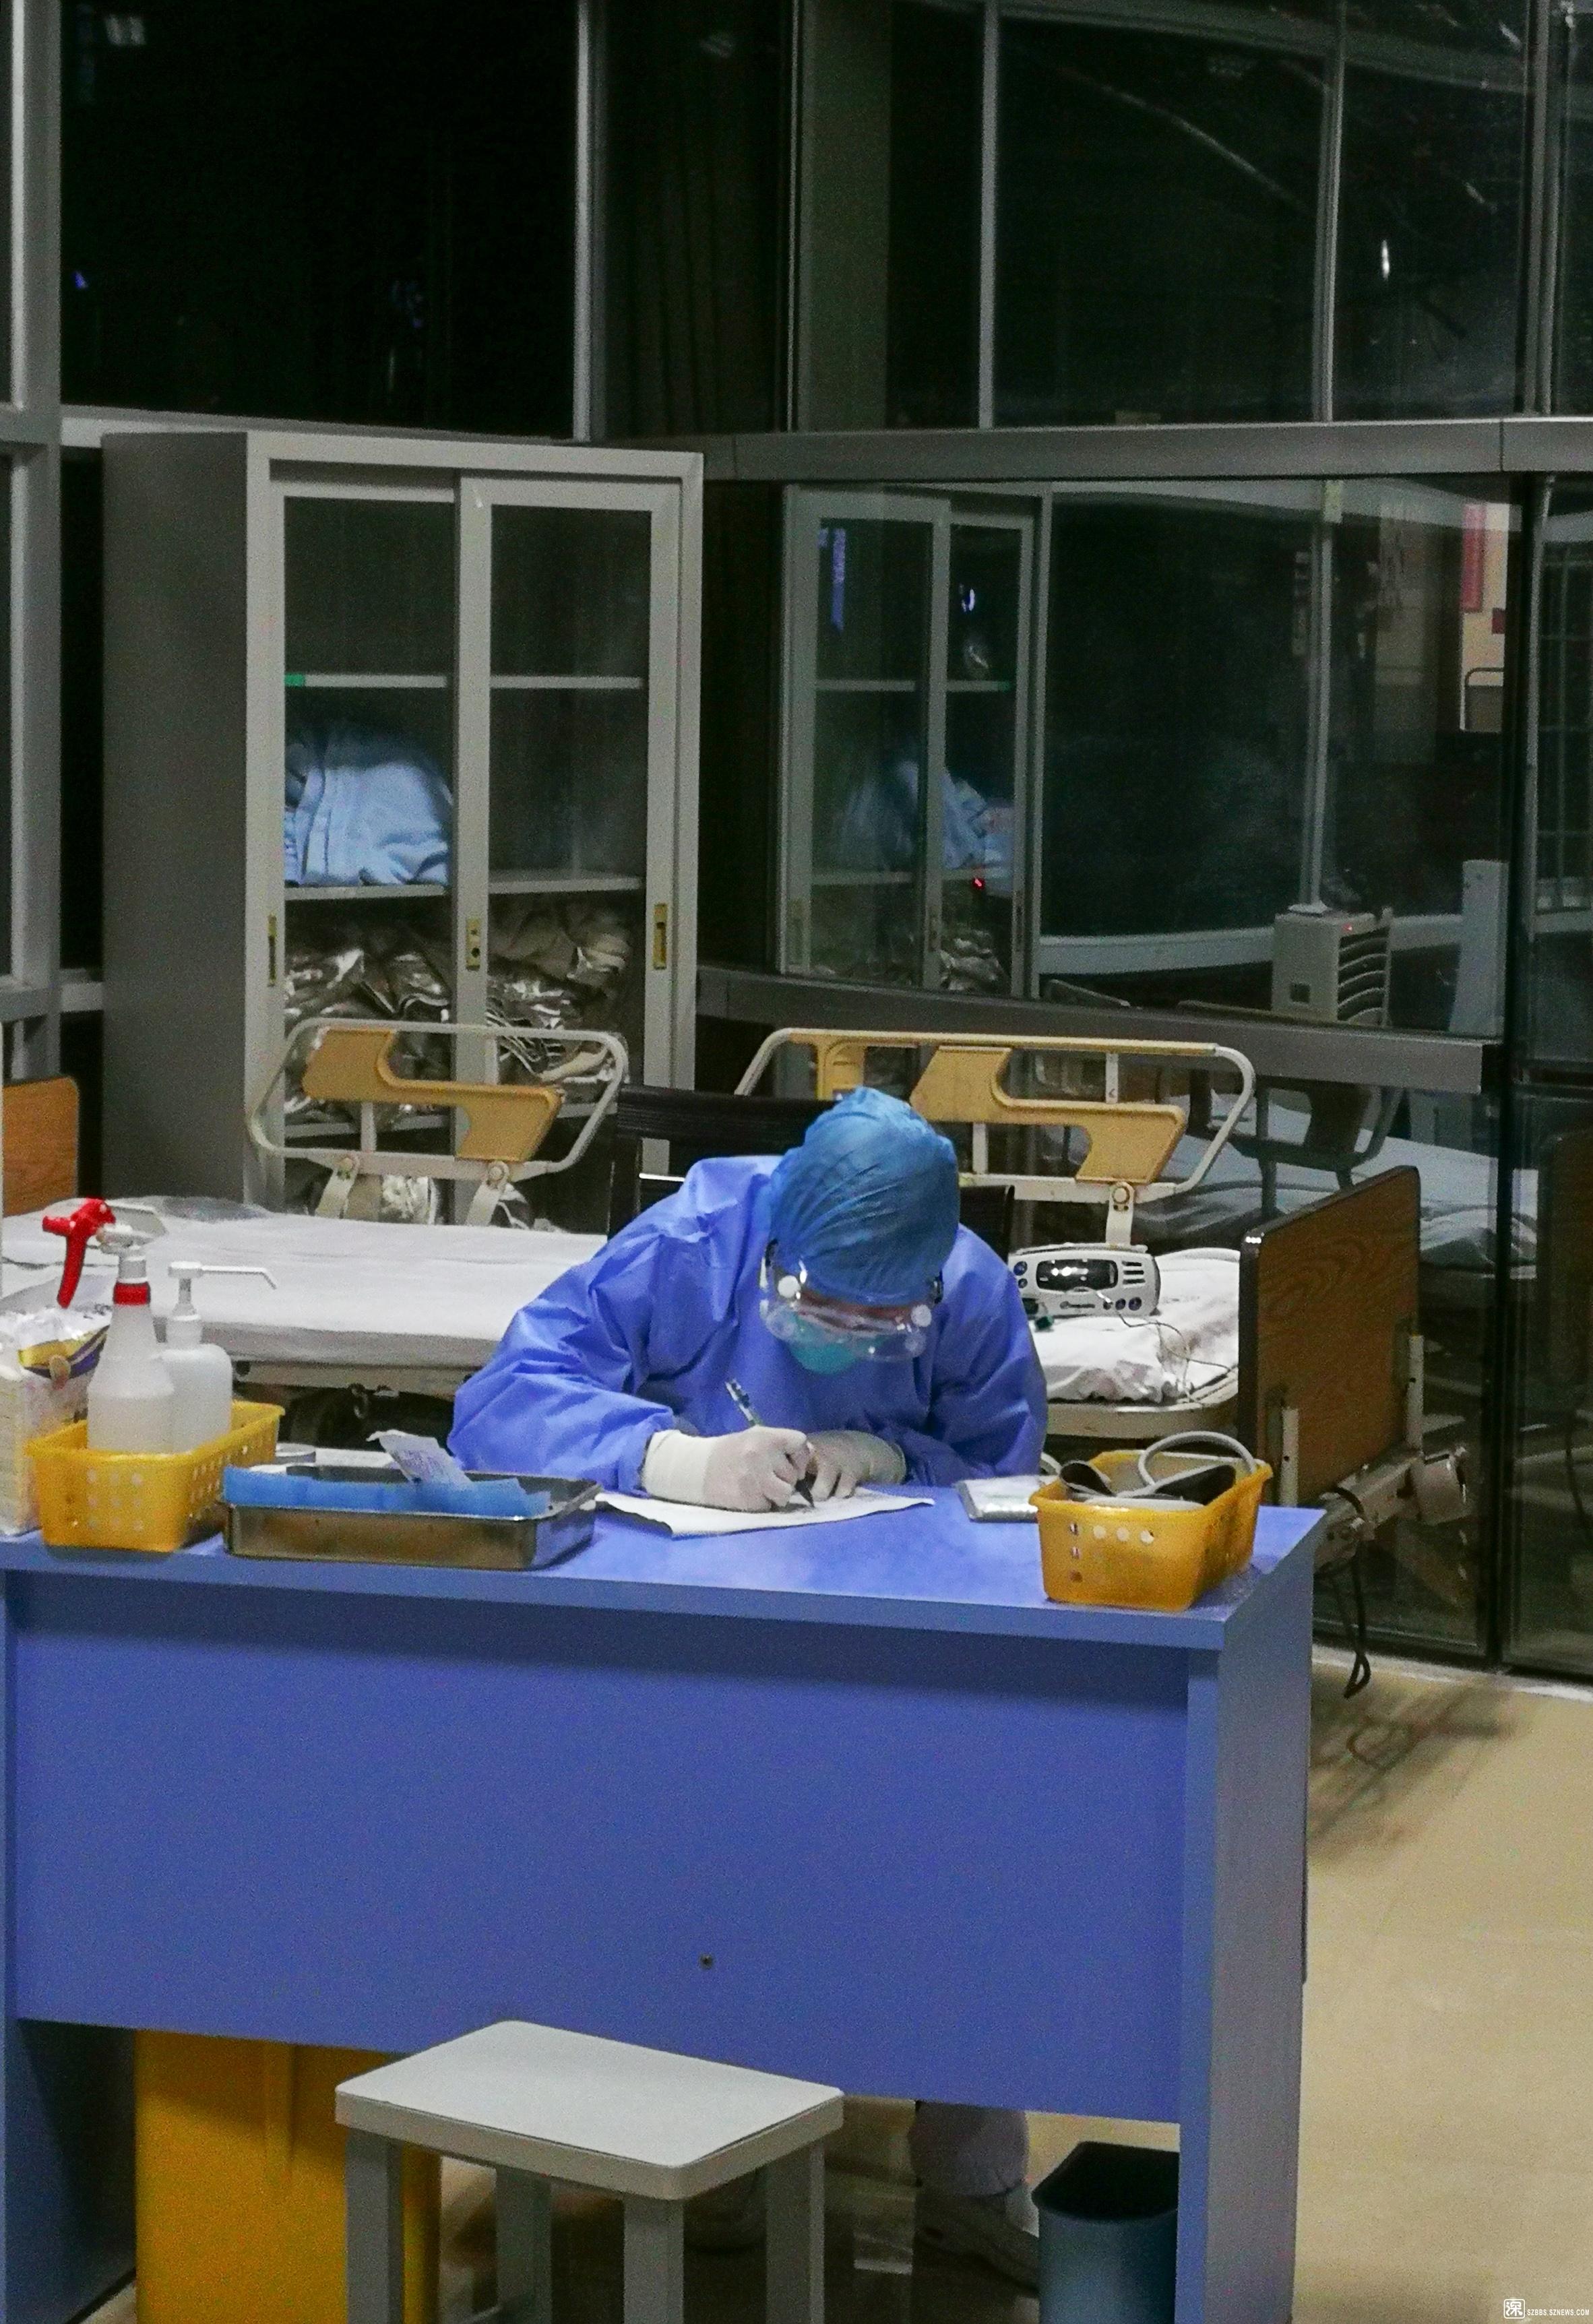 《挑灯夜战,值守于此的医生在深夜仍忙碌中。》.jpg